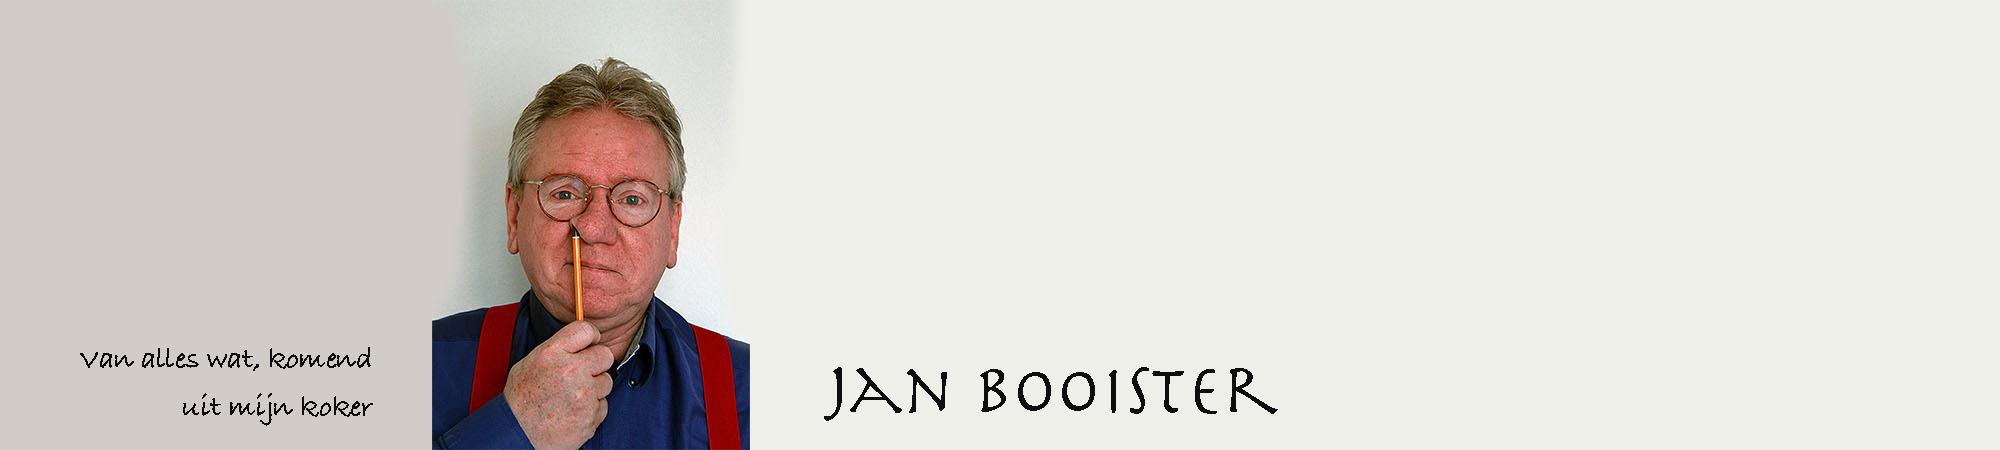 Jan Booister Logo